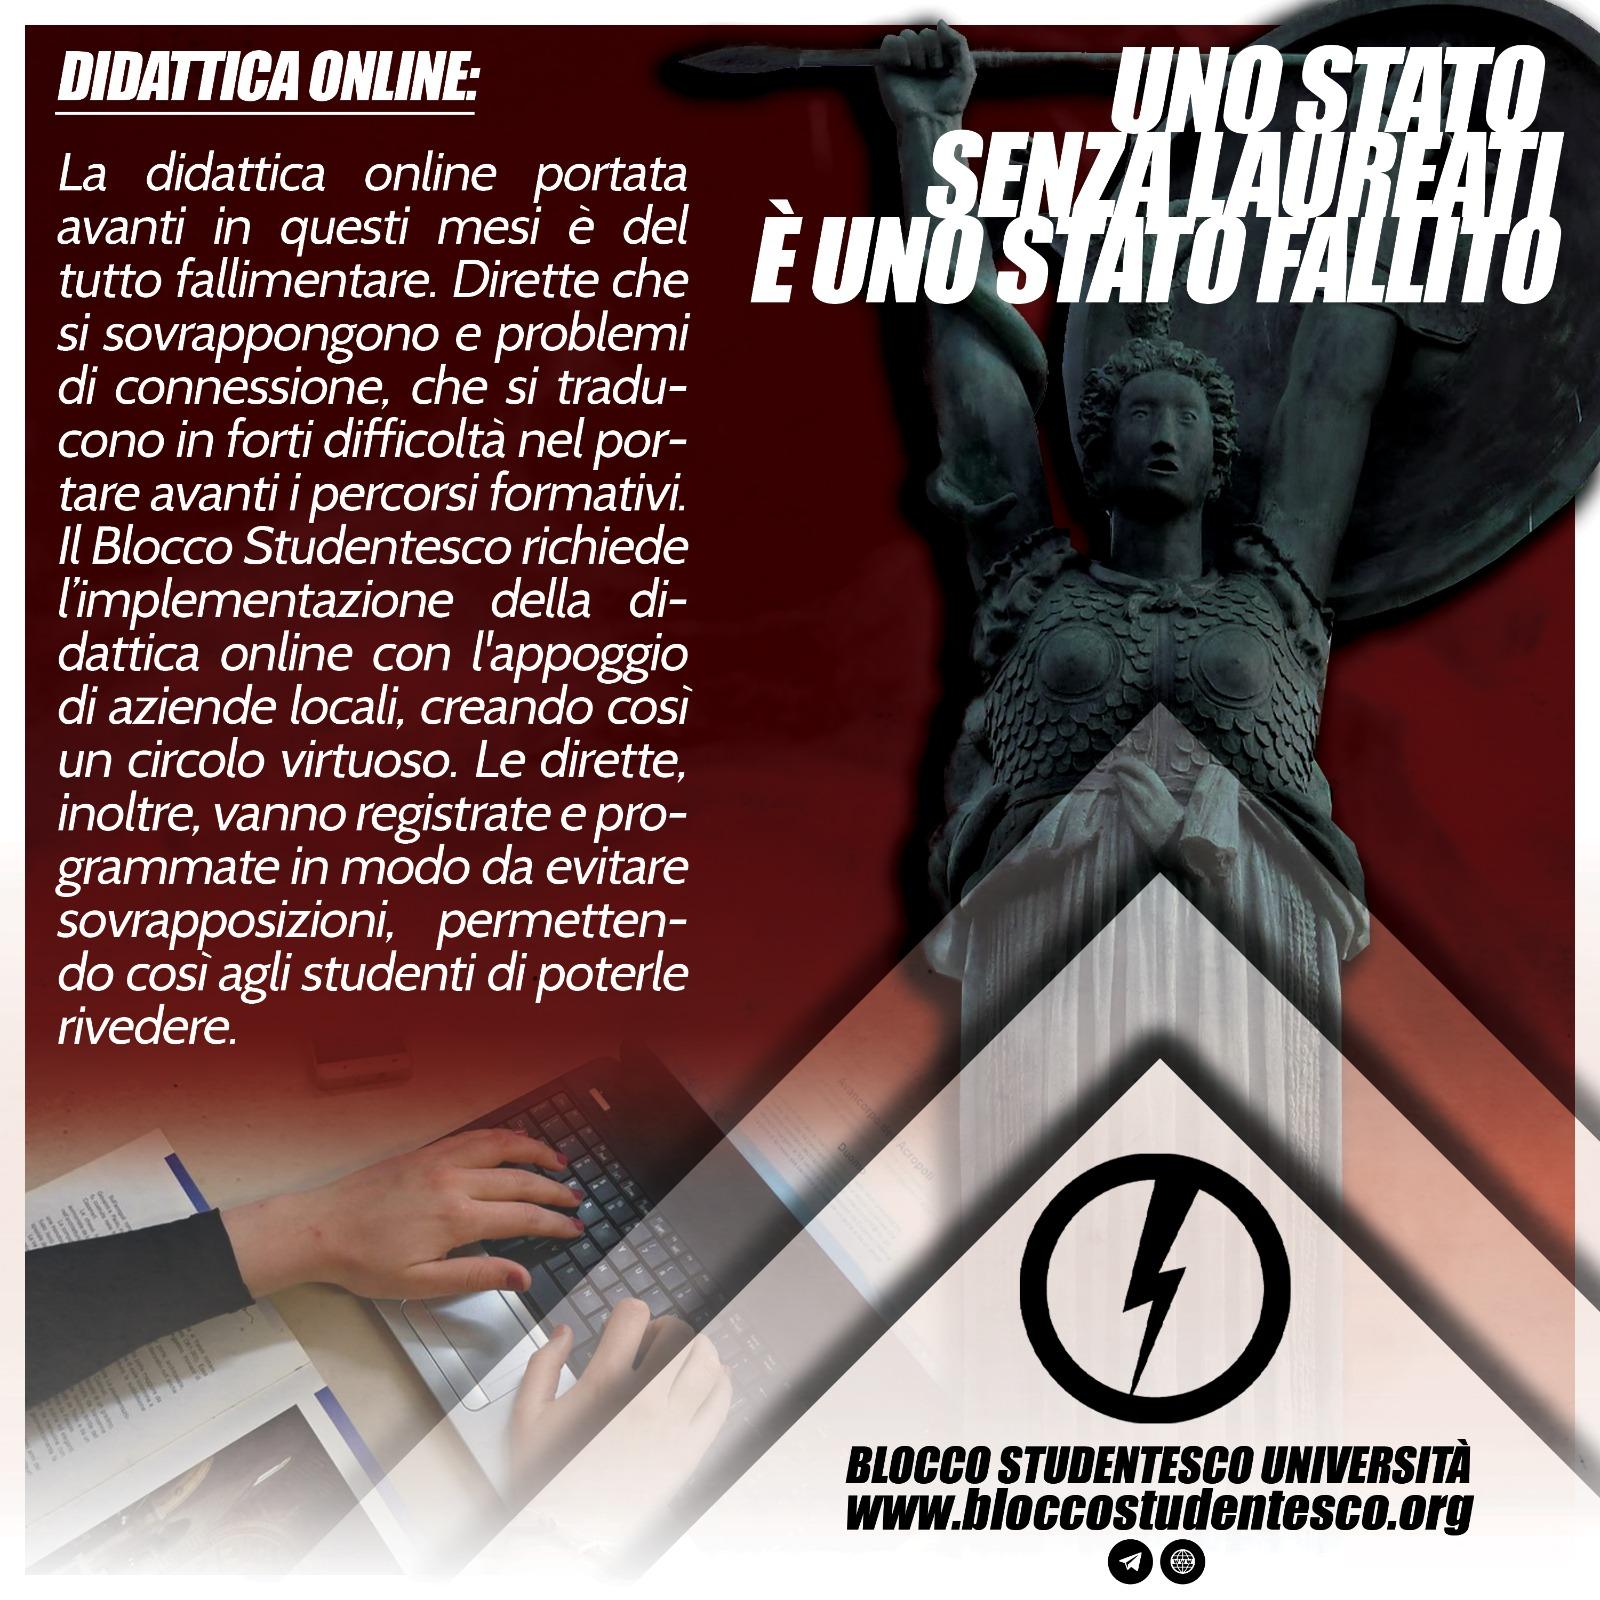 proposta potenziamento didattica online blocco studentesco università covid 19